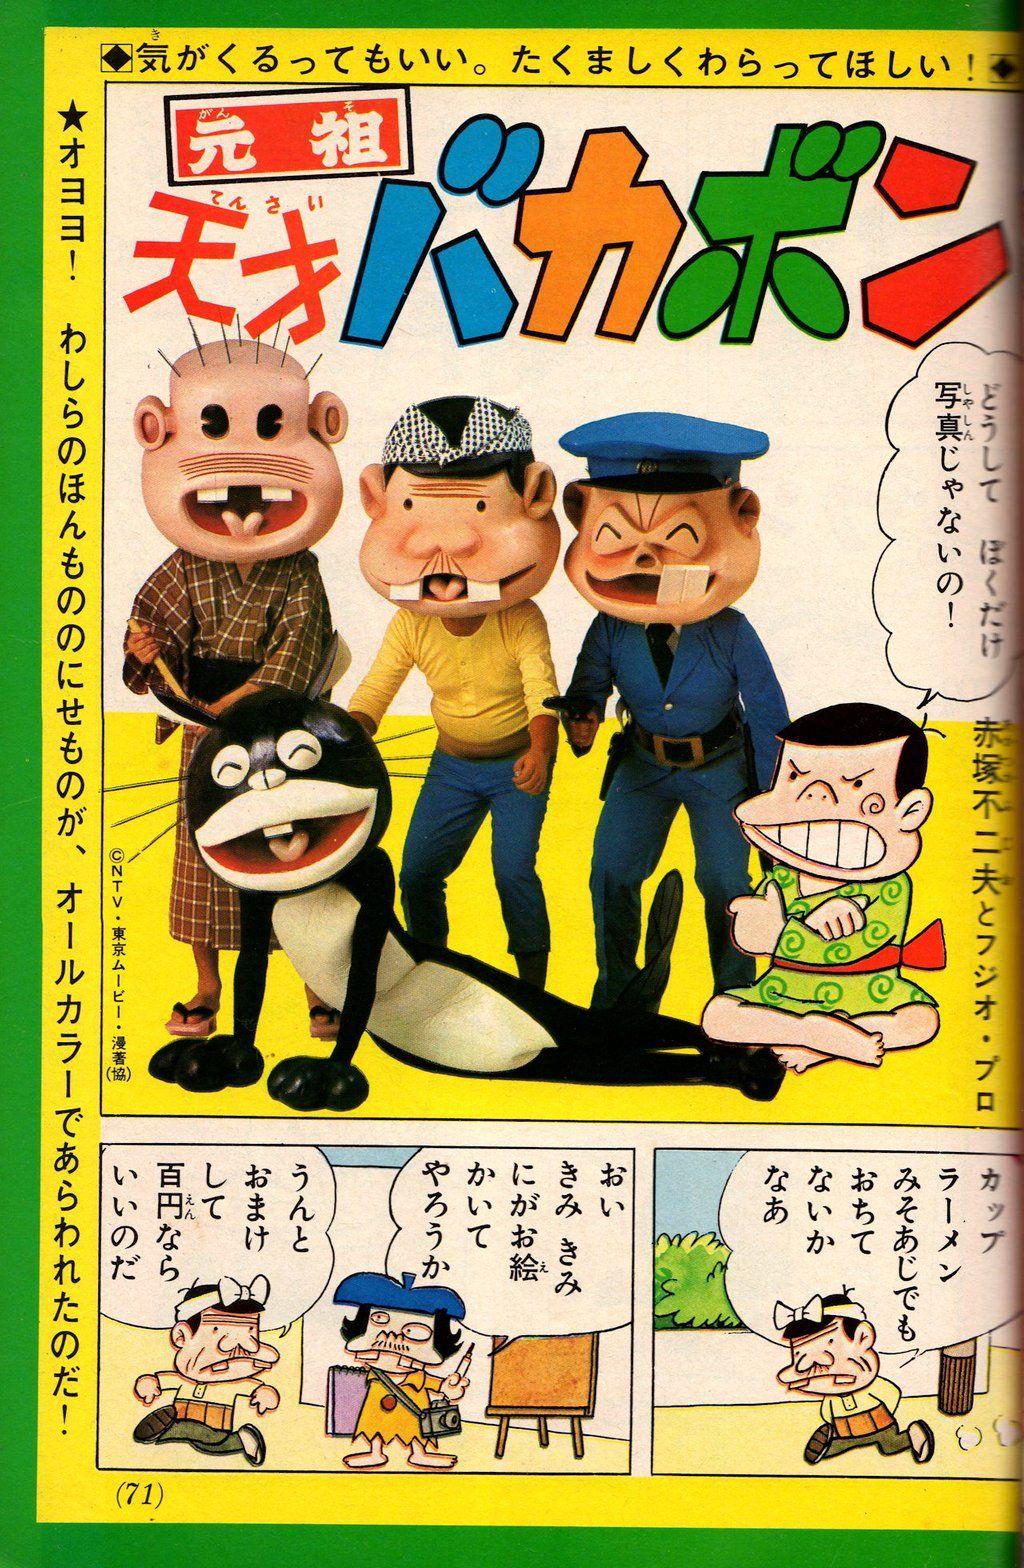 Tweetdeck 子供時代 漫画雑誌 漫画